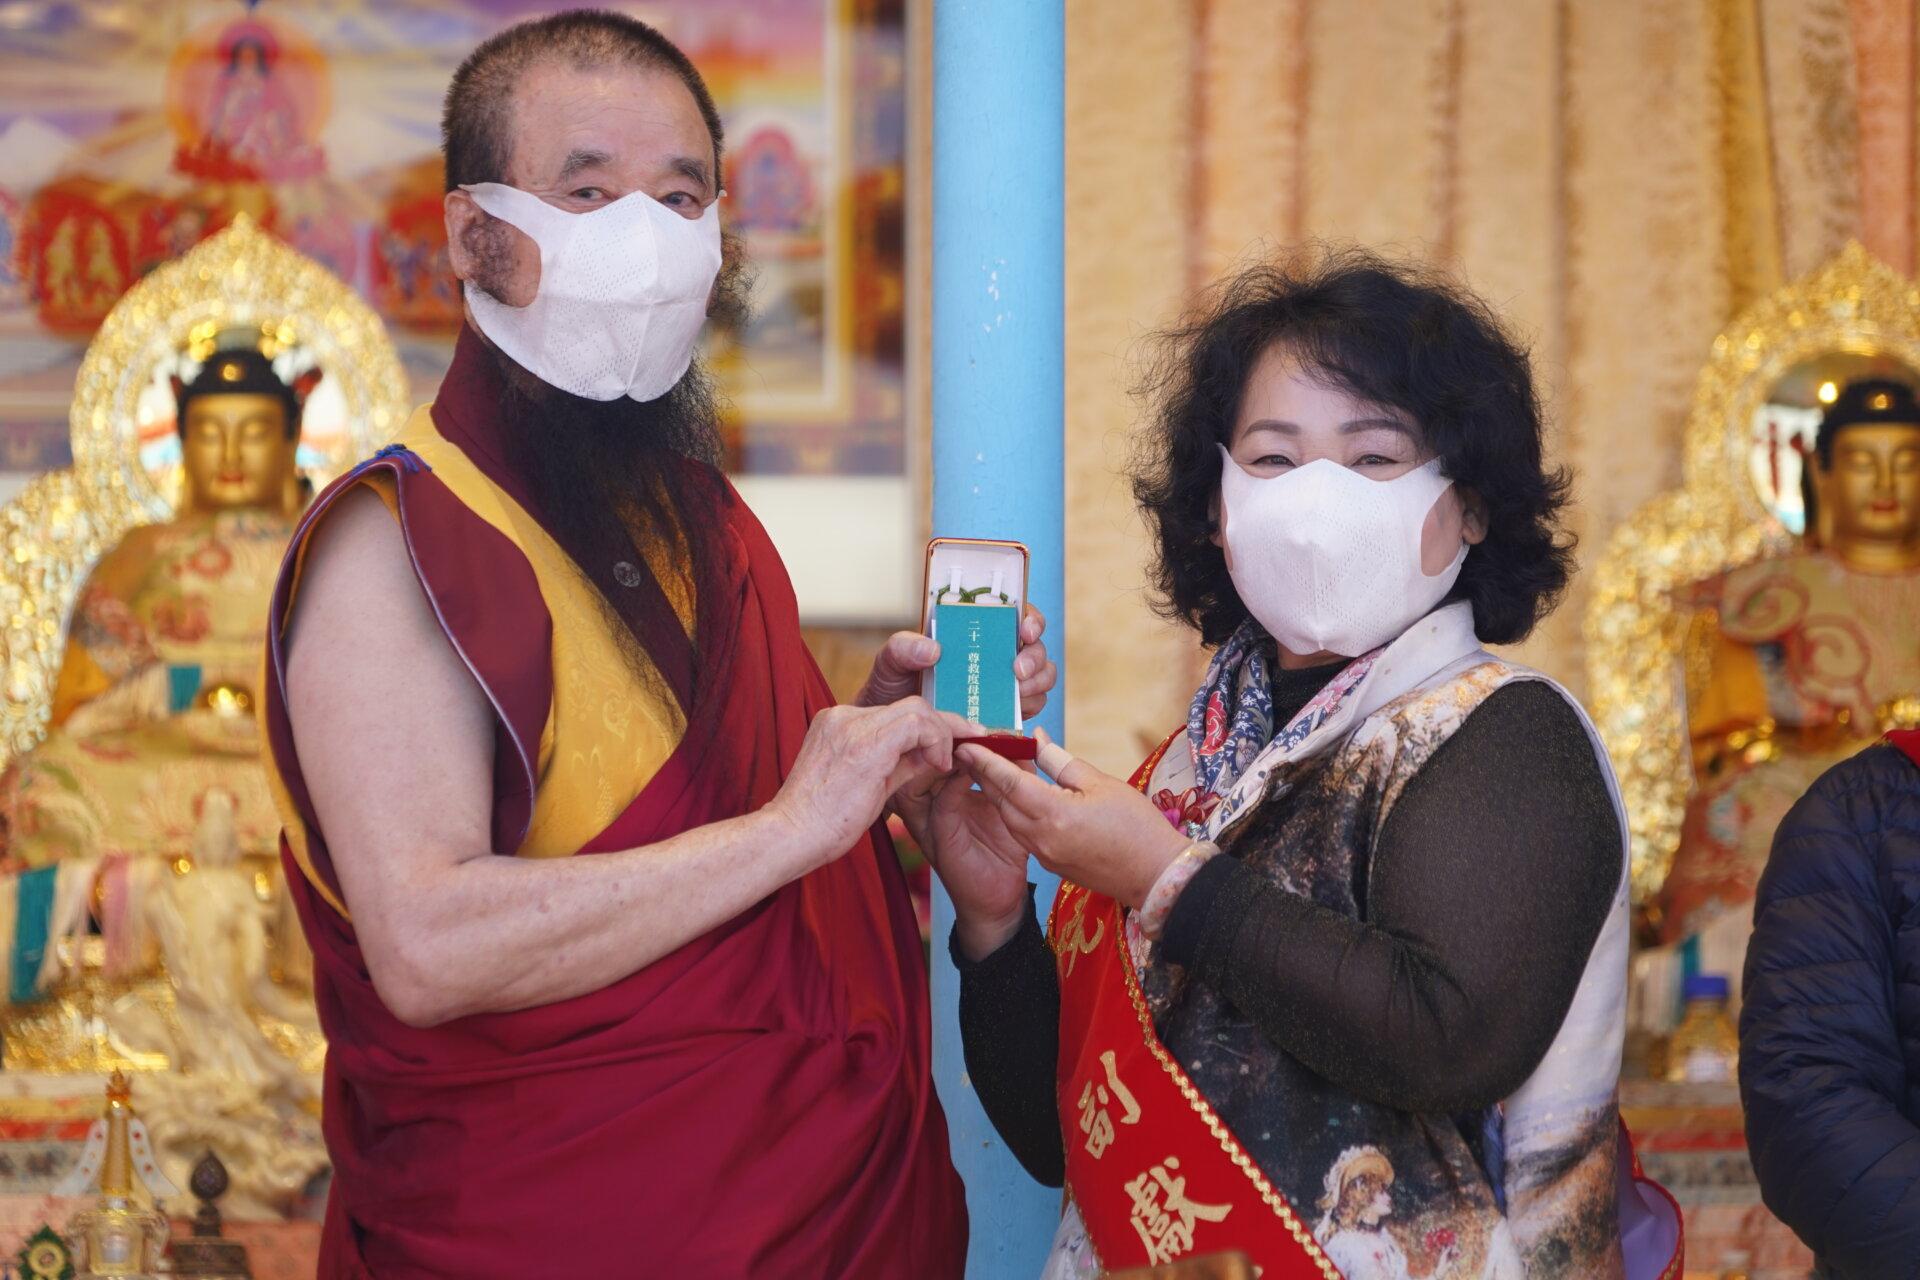 行動佛殿116站台南後壁,本會指導上師恆性嘉措仁波且(左)致贈珍貴加持物綠度母墜子給前議長賴美惠(右)